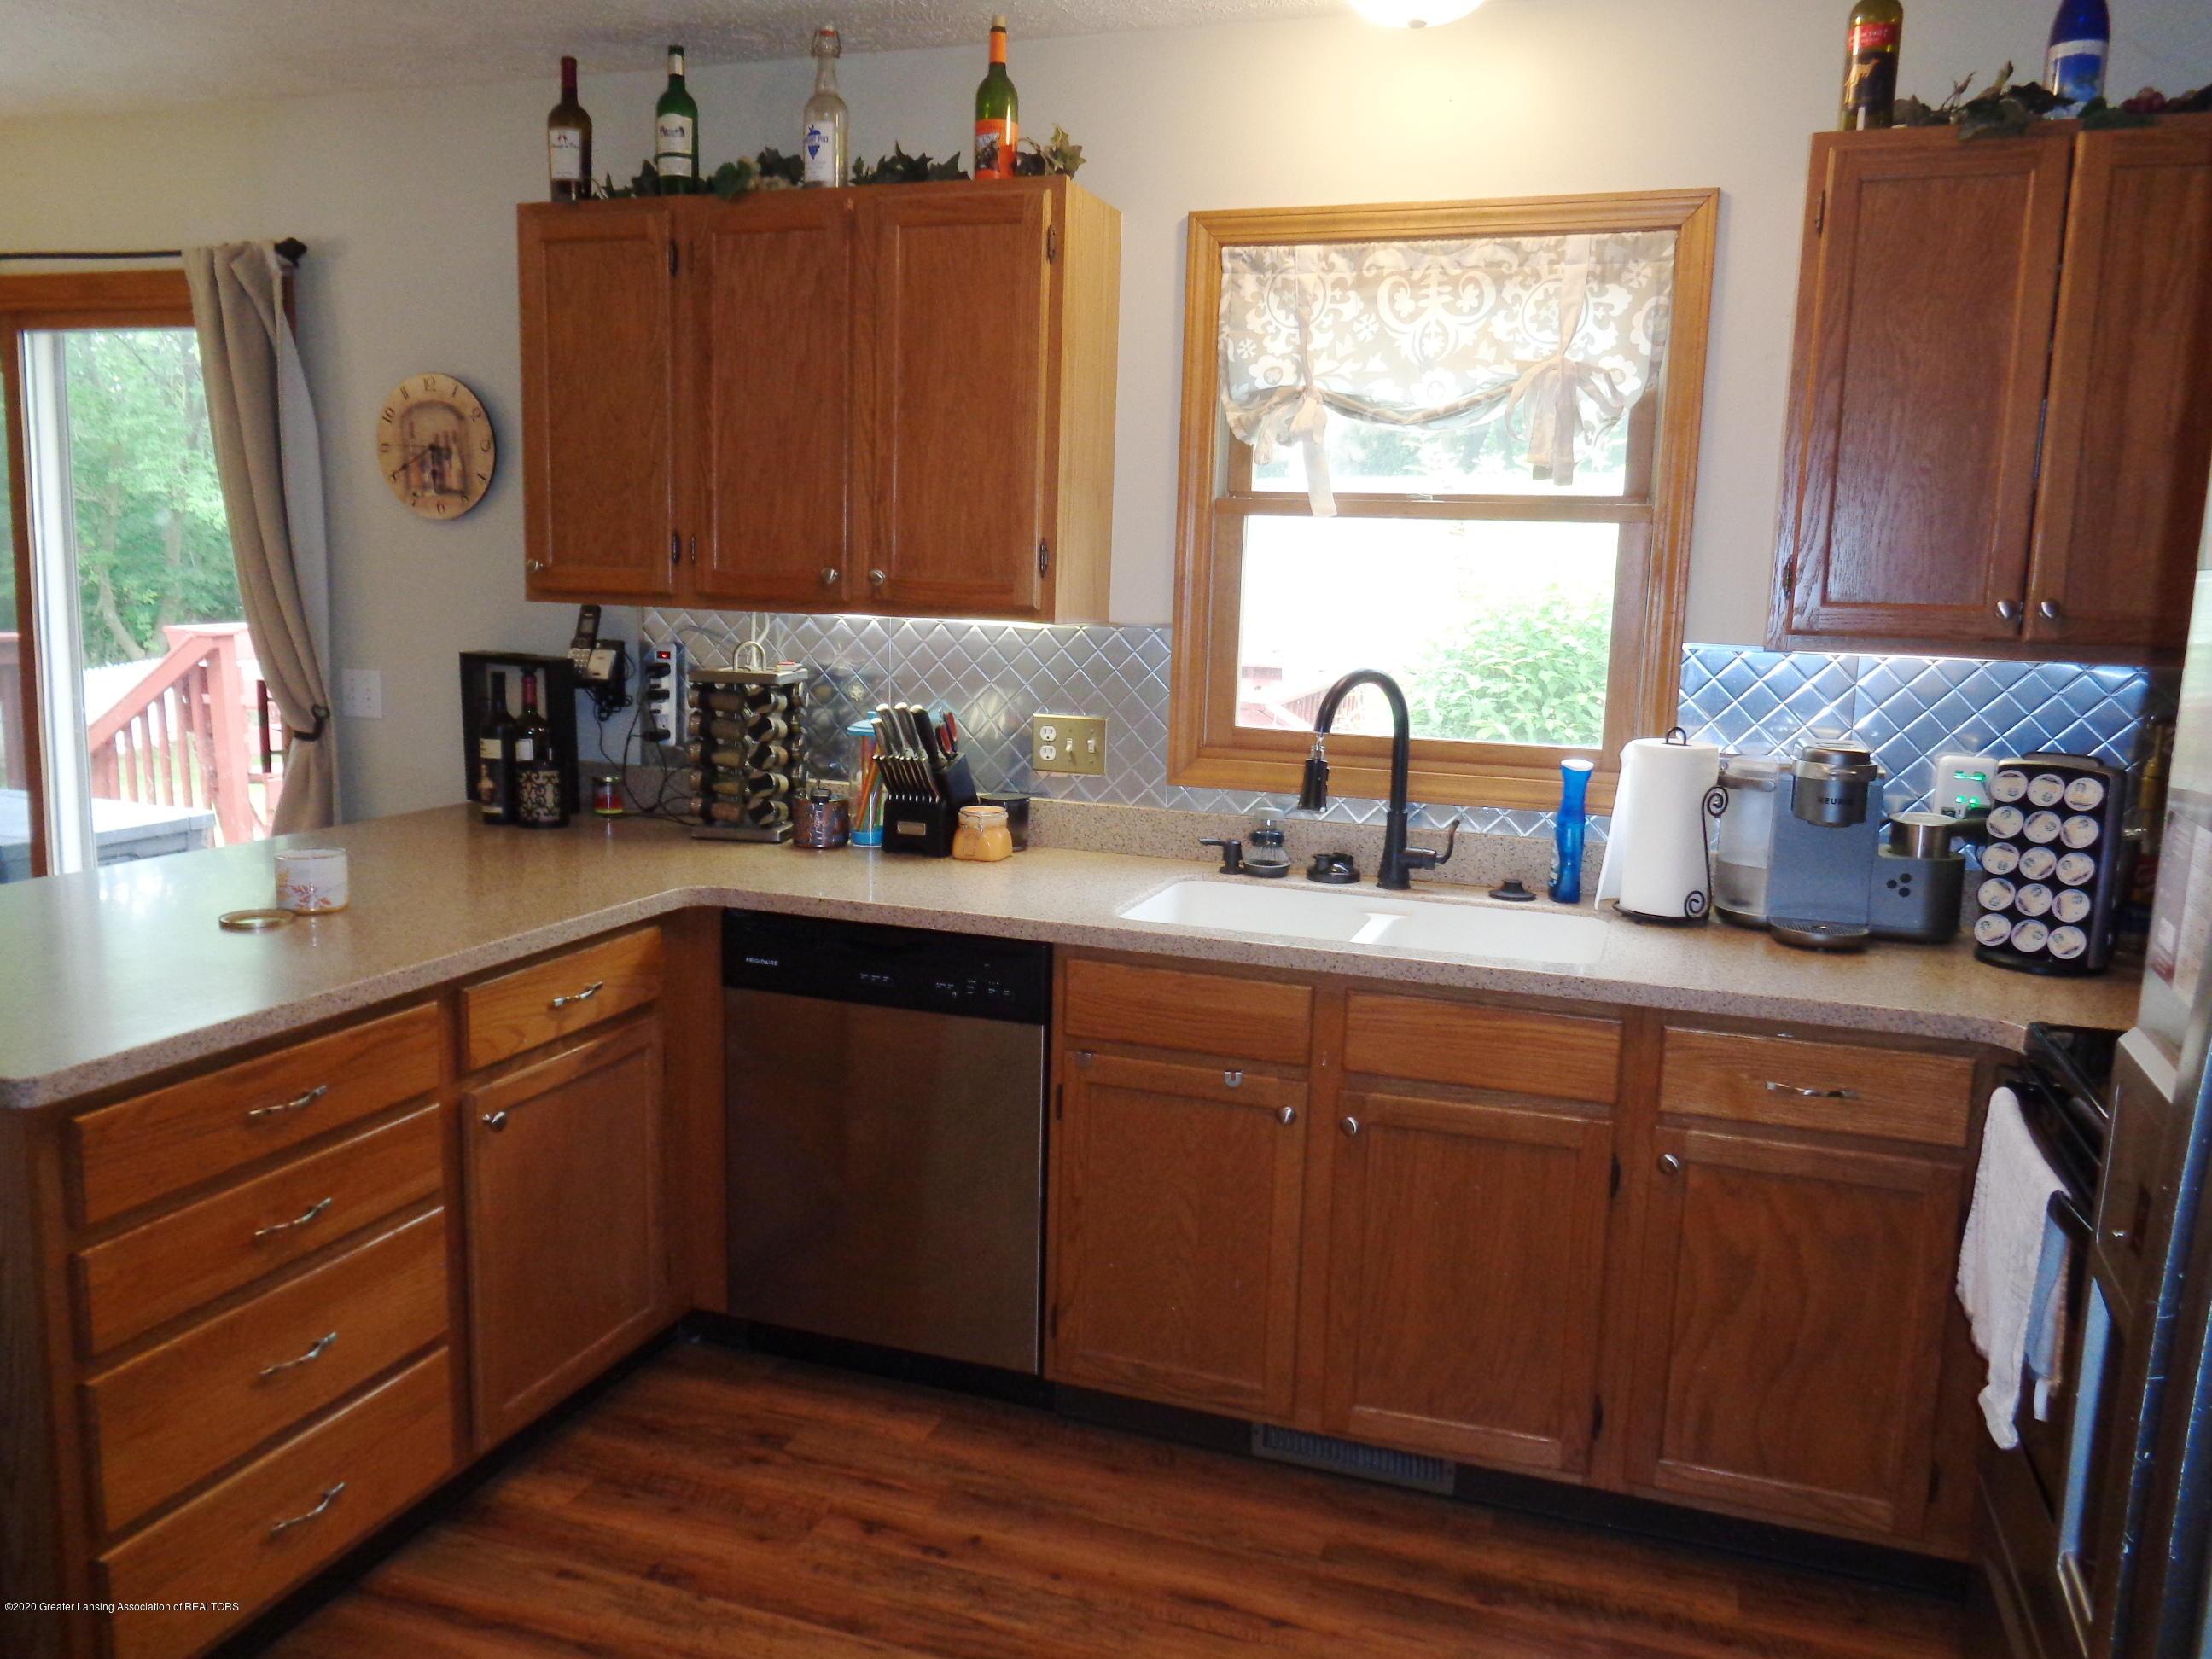 3099 Rosehill Dr - rosehill kitchen 2 - 6